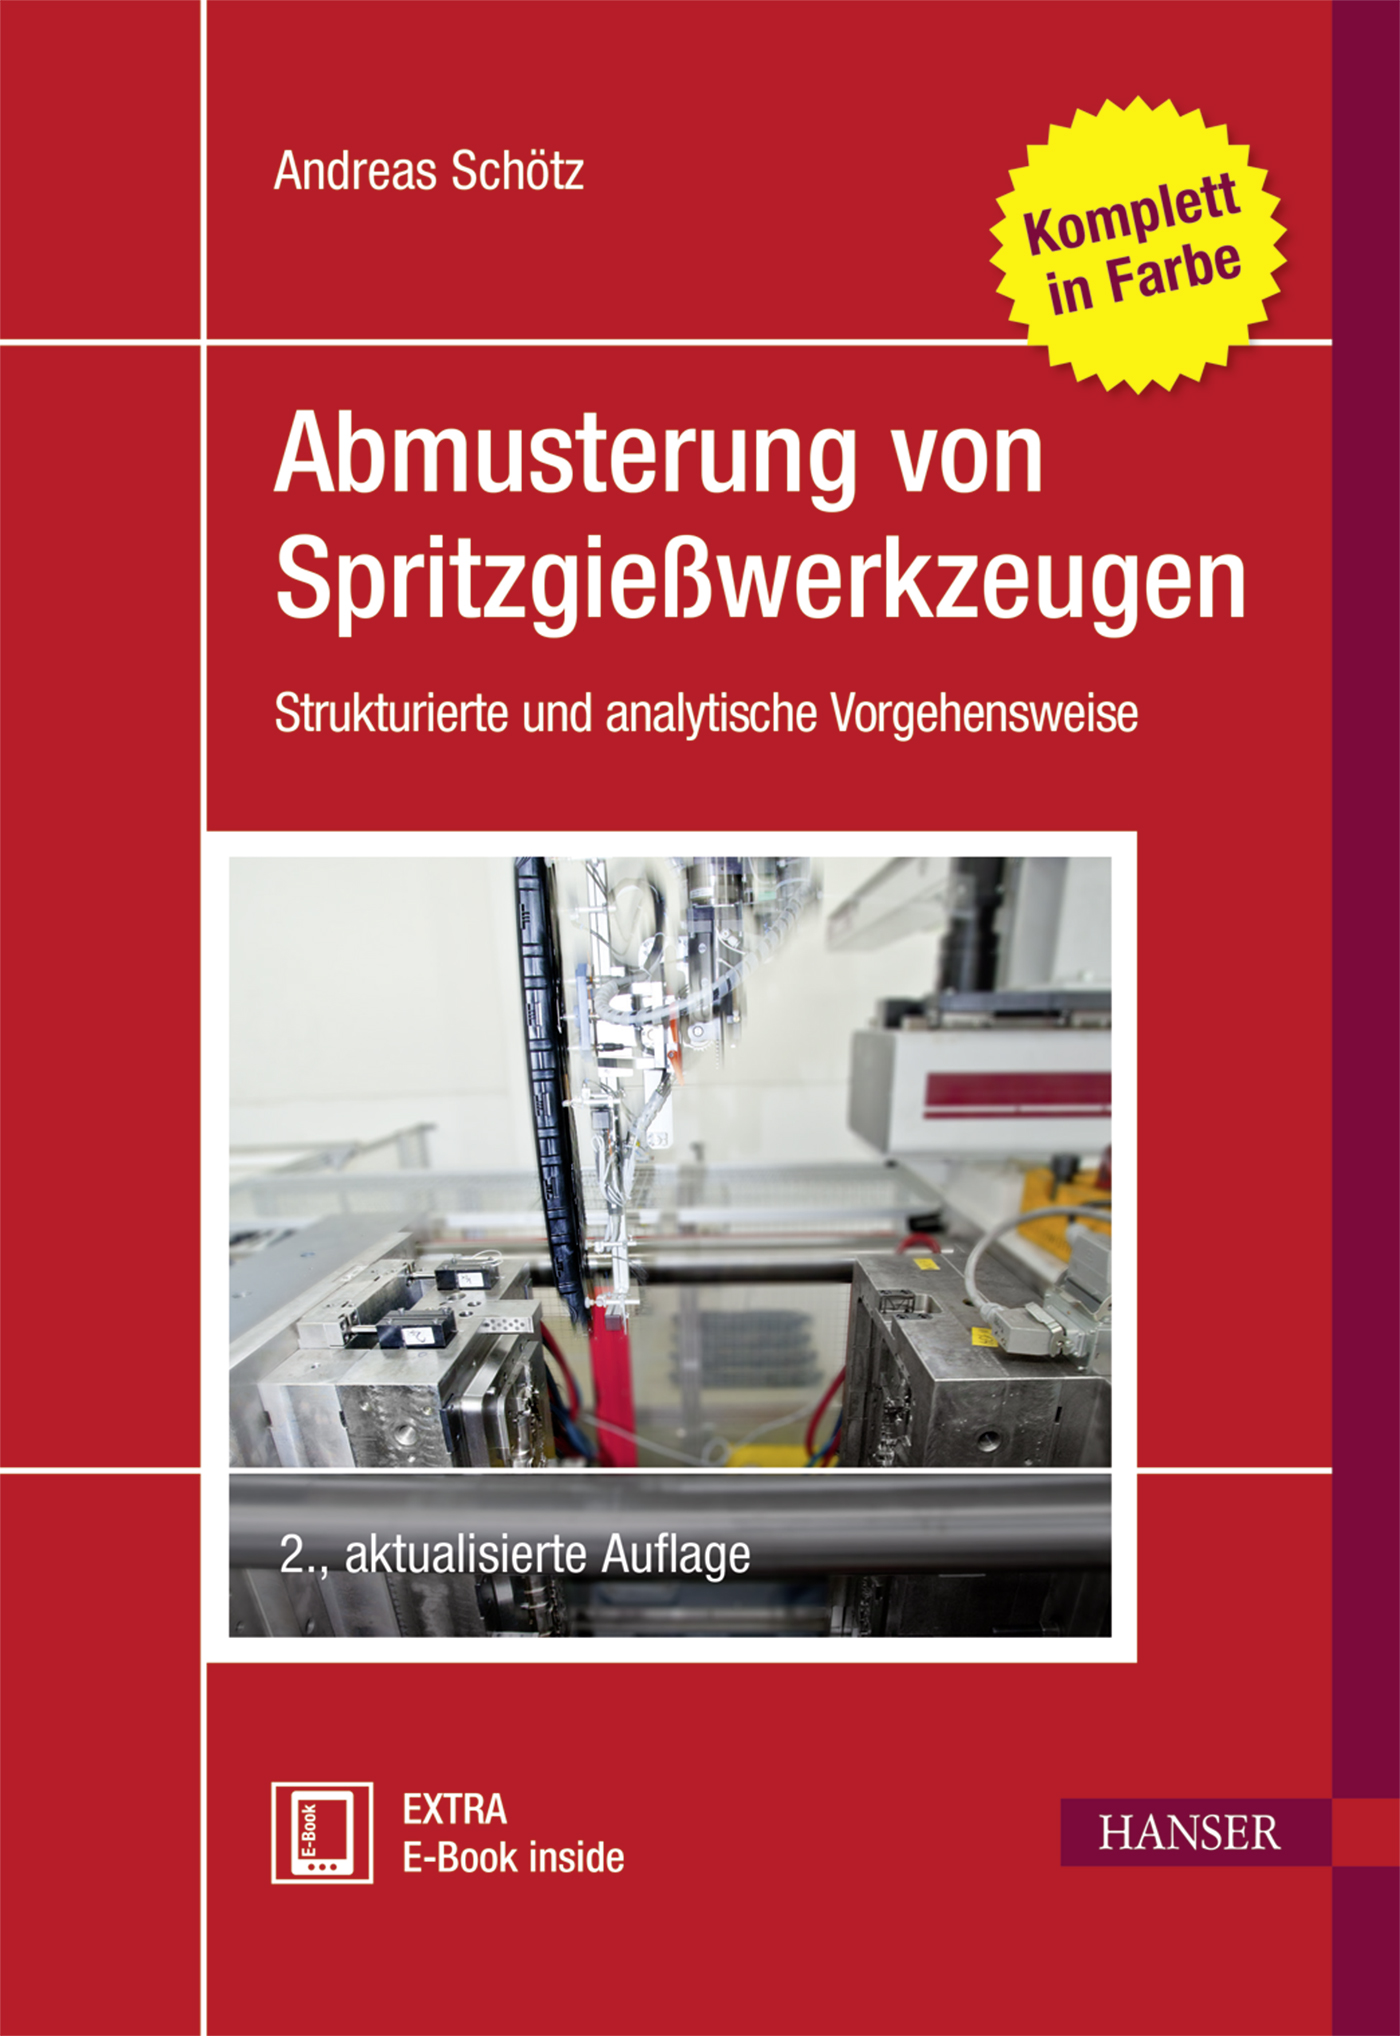 Schötz, Abmusterung von Spritzgießwerkzeugen, 978-3-446-44673-1